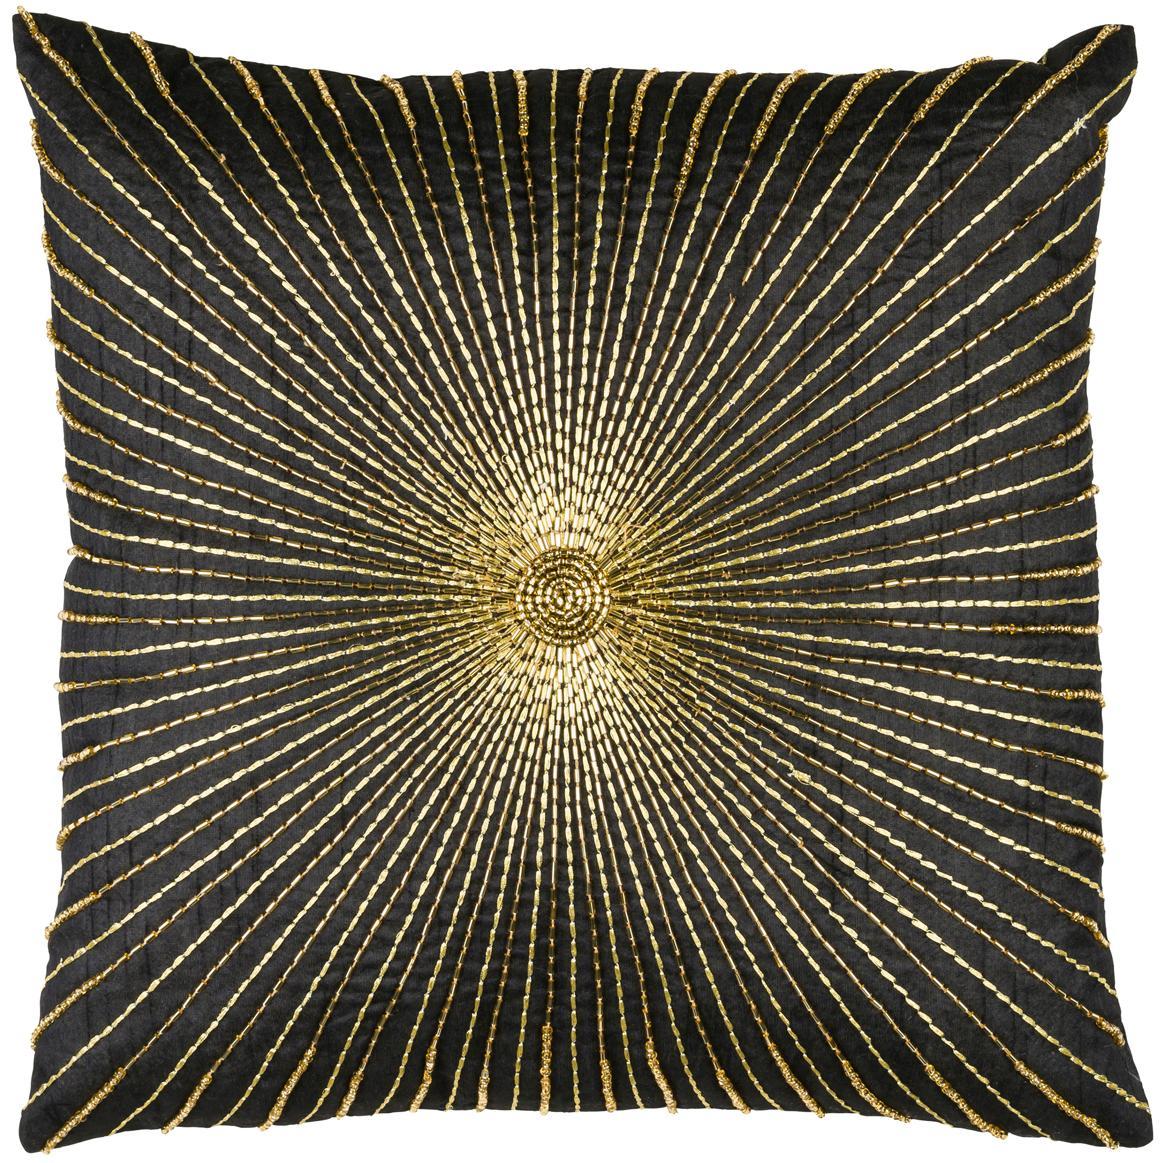 Federa arredo Ricamata Sunray, Poliestere, Nero, dorato, Larg. 40 x Lung. 40 cm